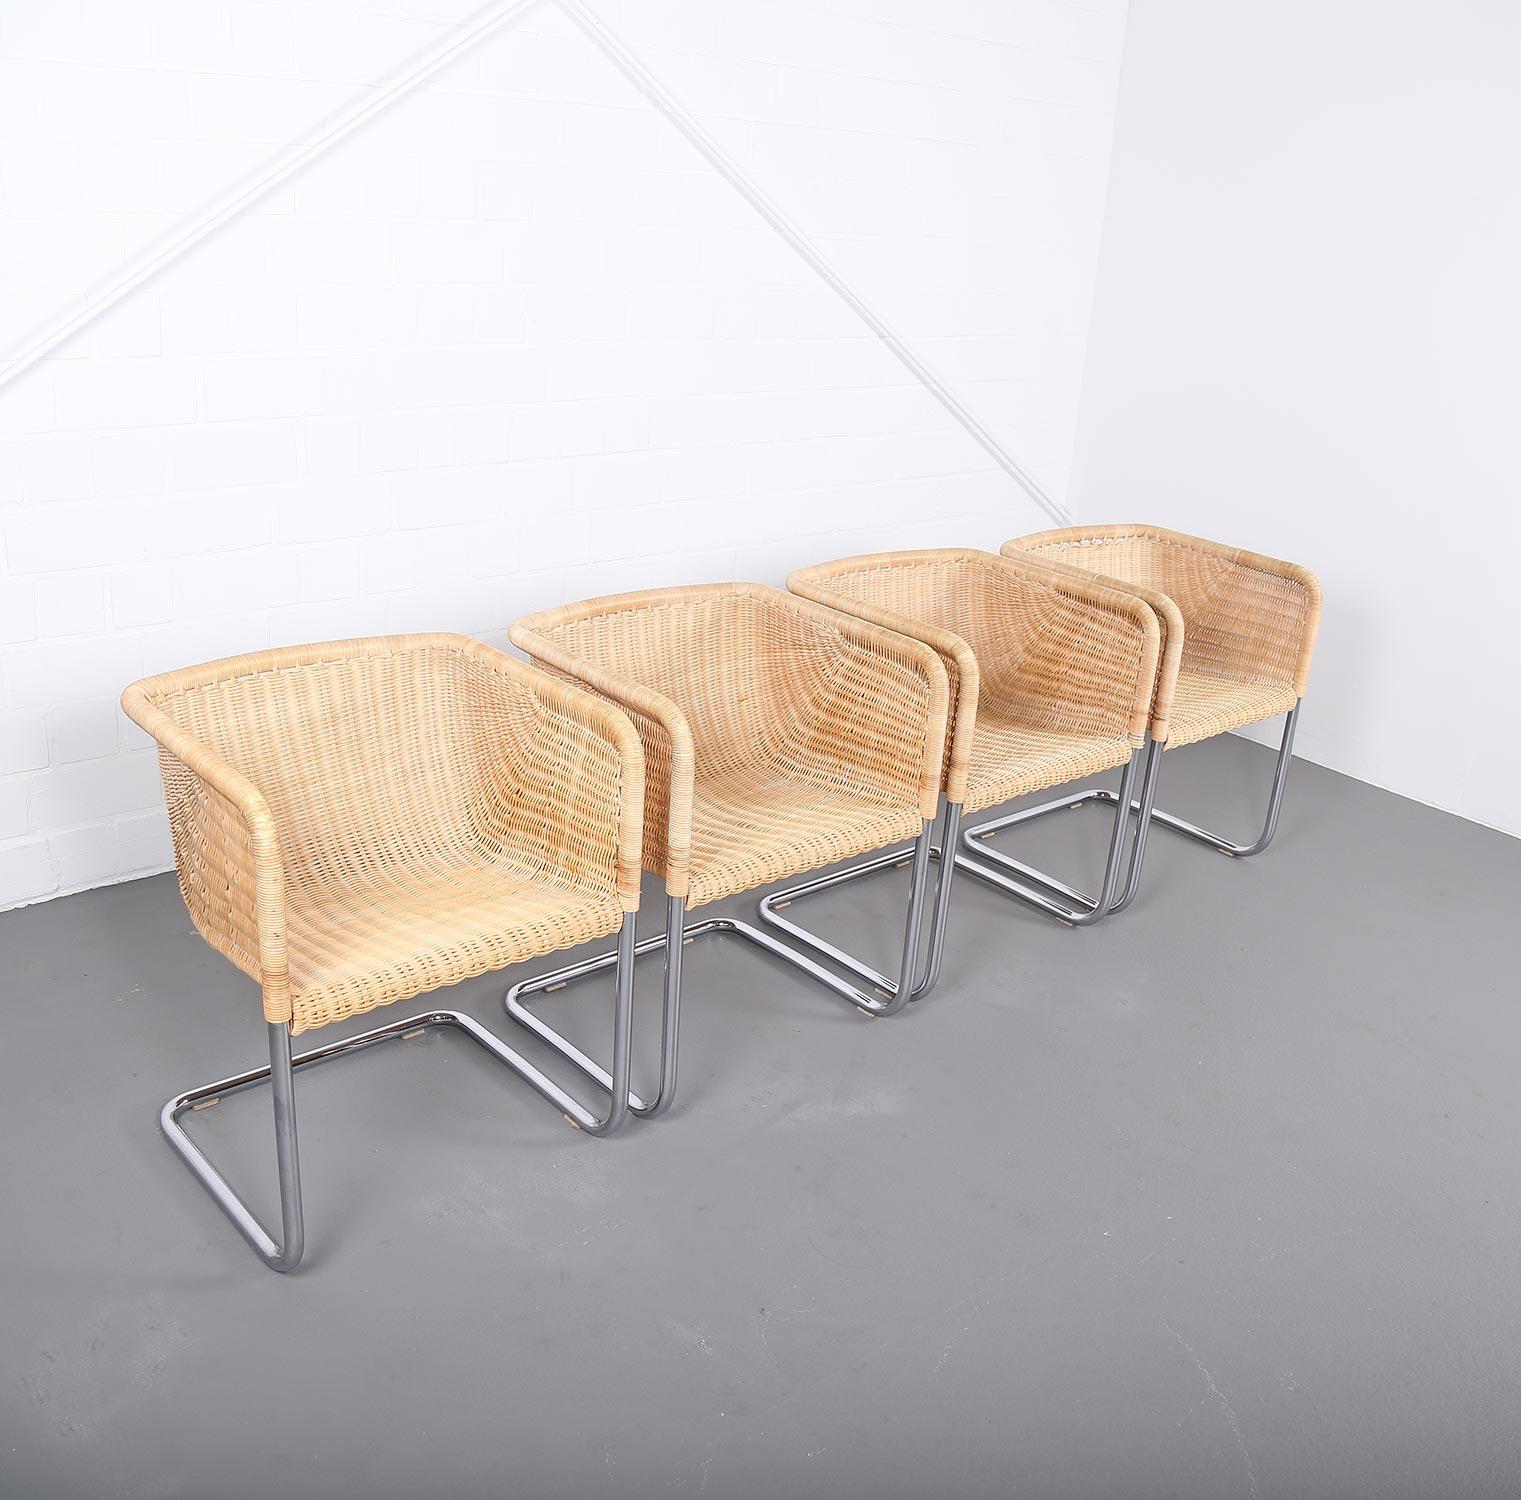 4er set freischwinger d43 stahlrohr von tecta bauhaus mart. Black Bedroom Furniture Sets. Home Design Ideas